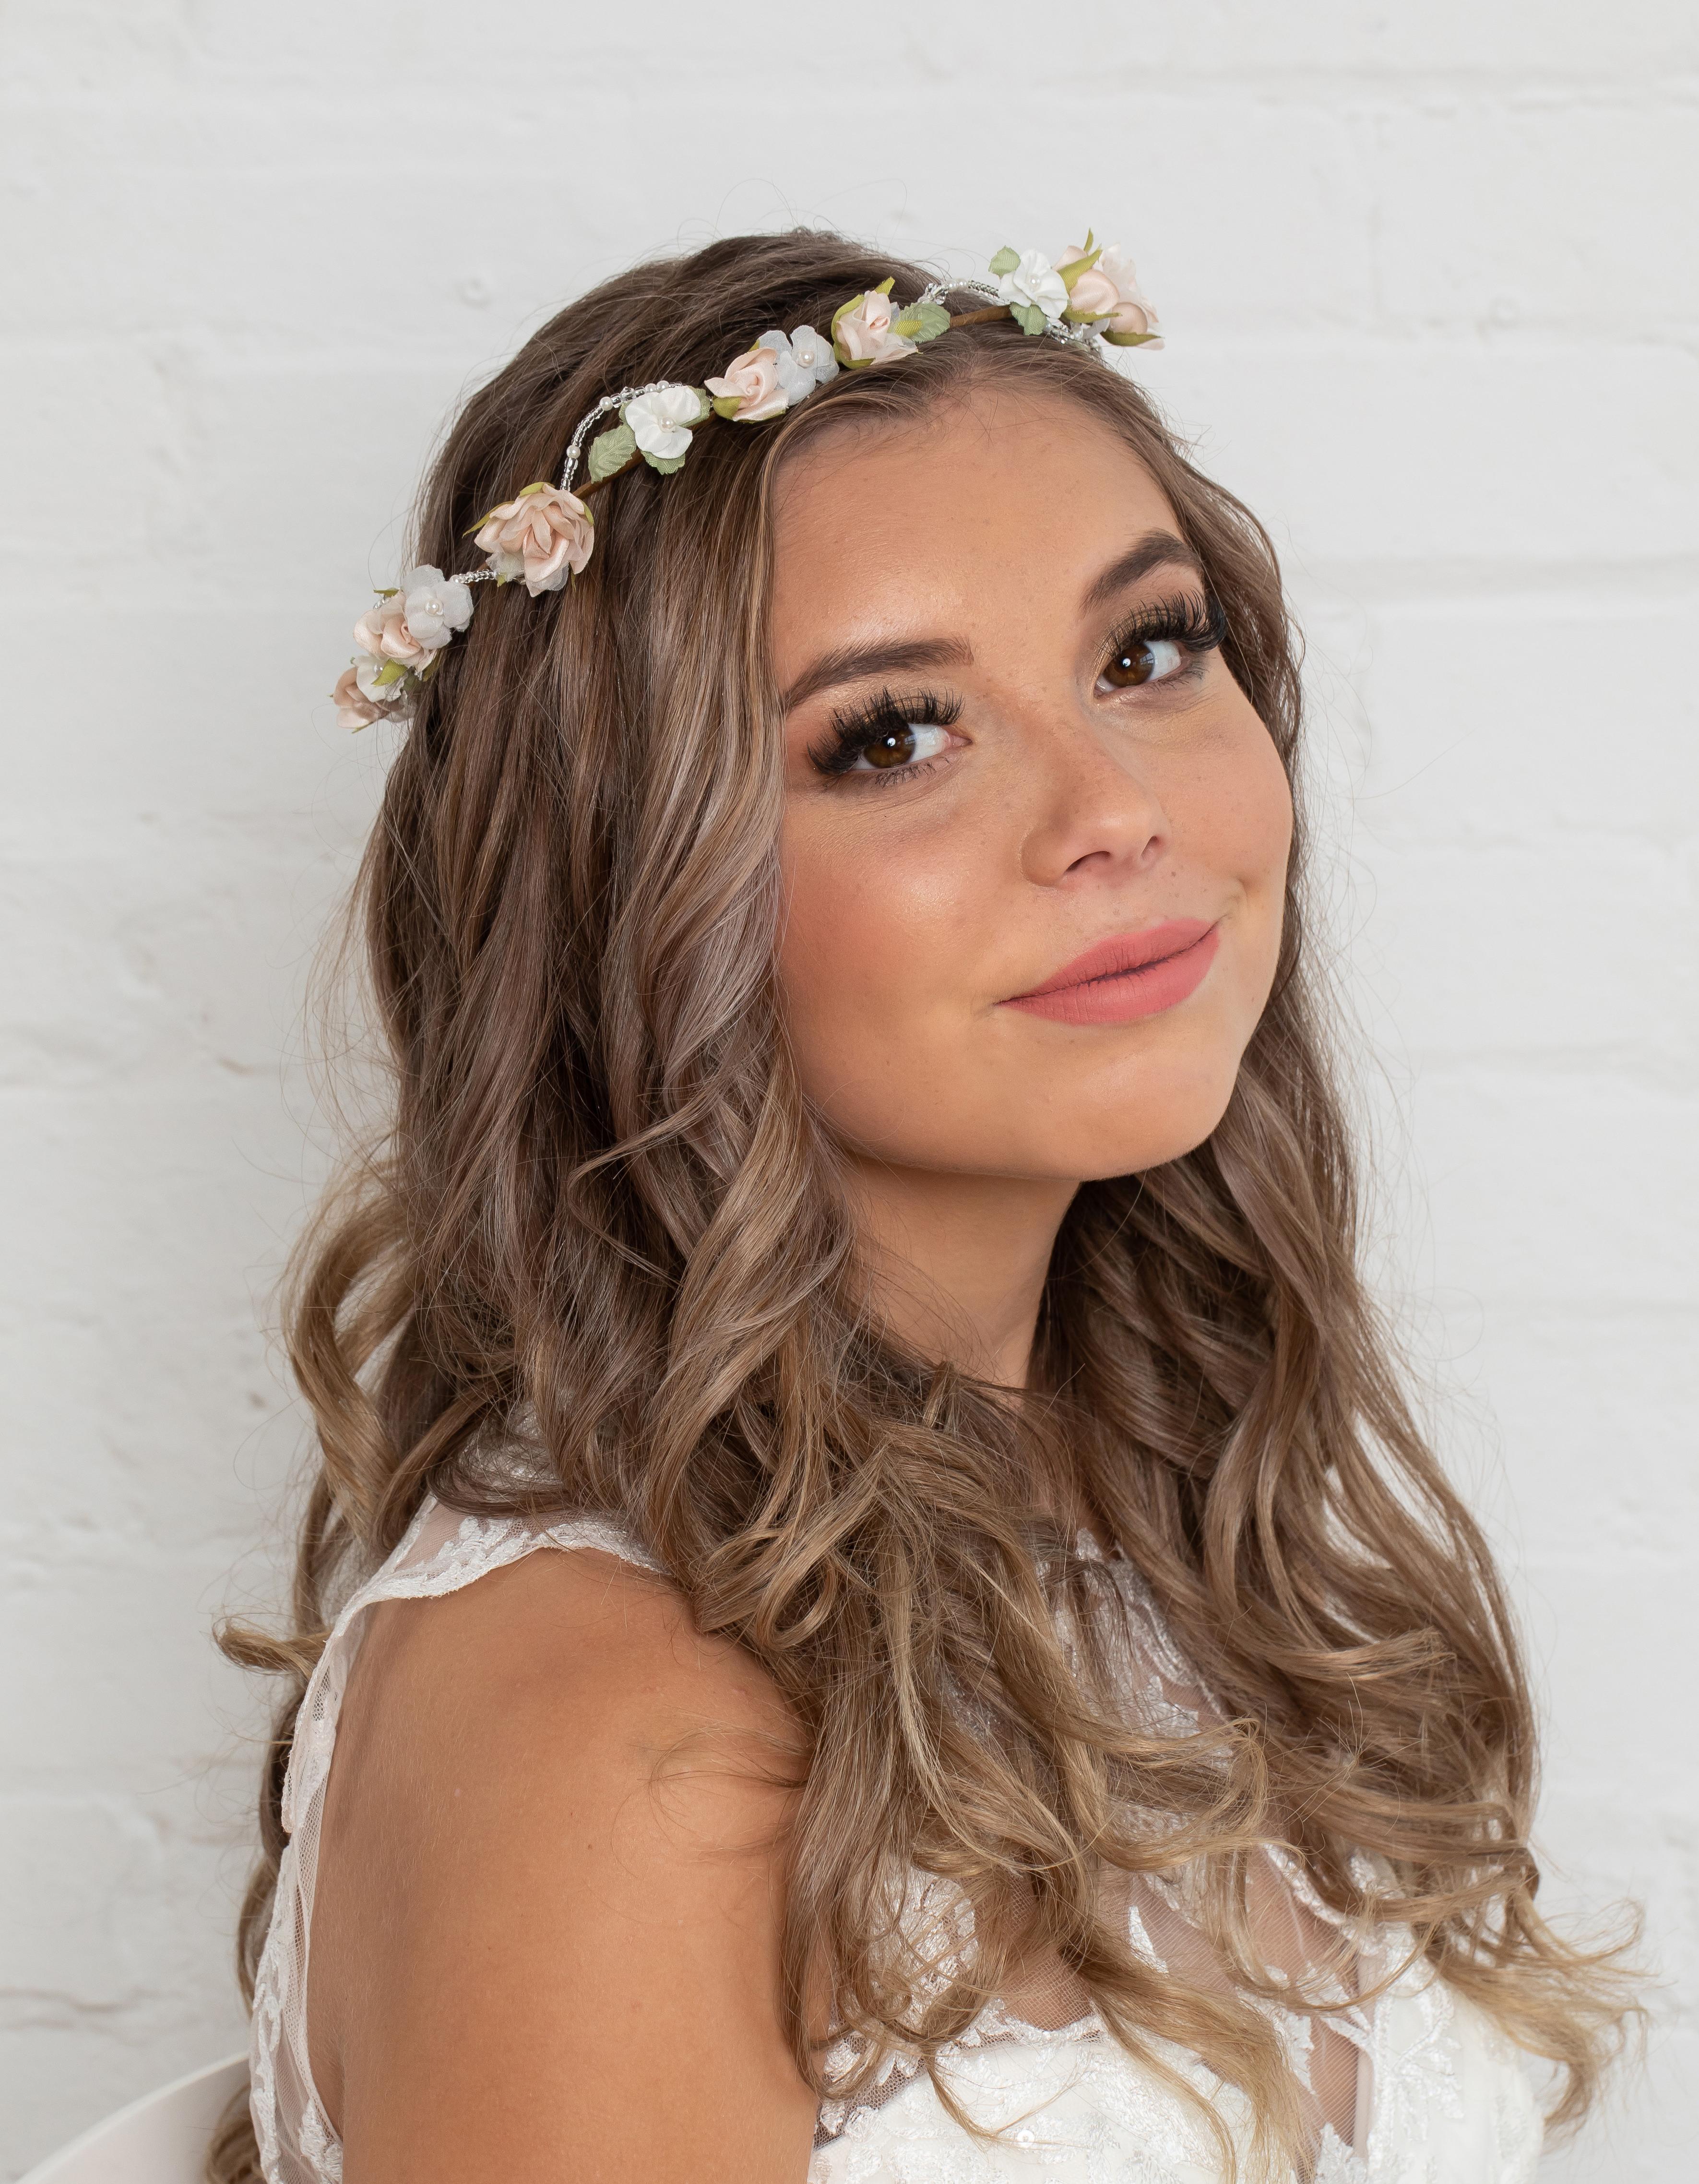 Bridal Classics Headbands, Wreaths & Vines T-4451